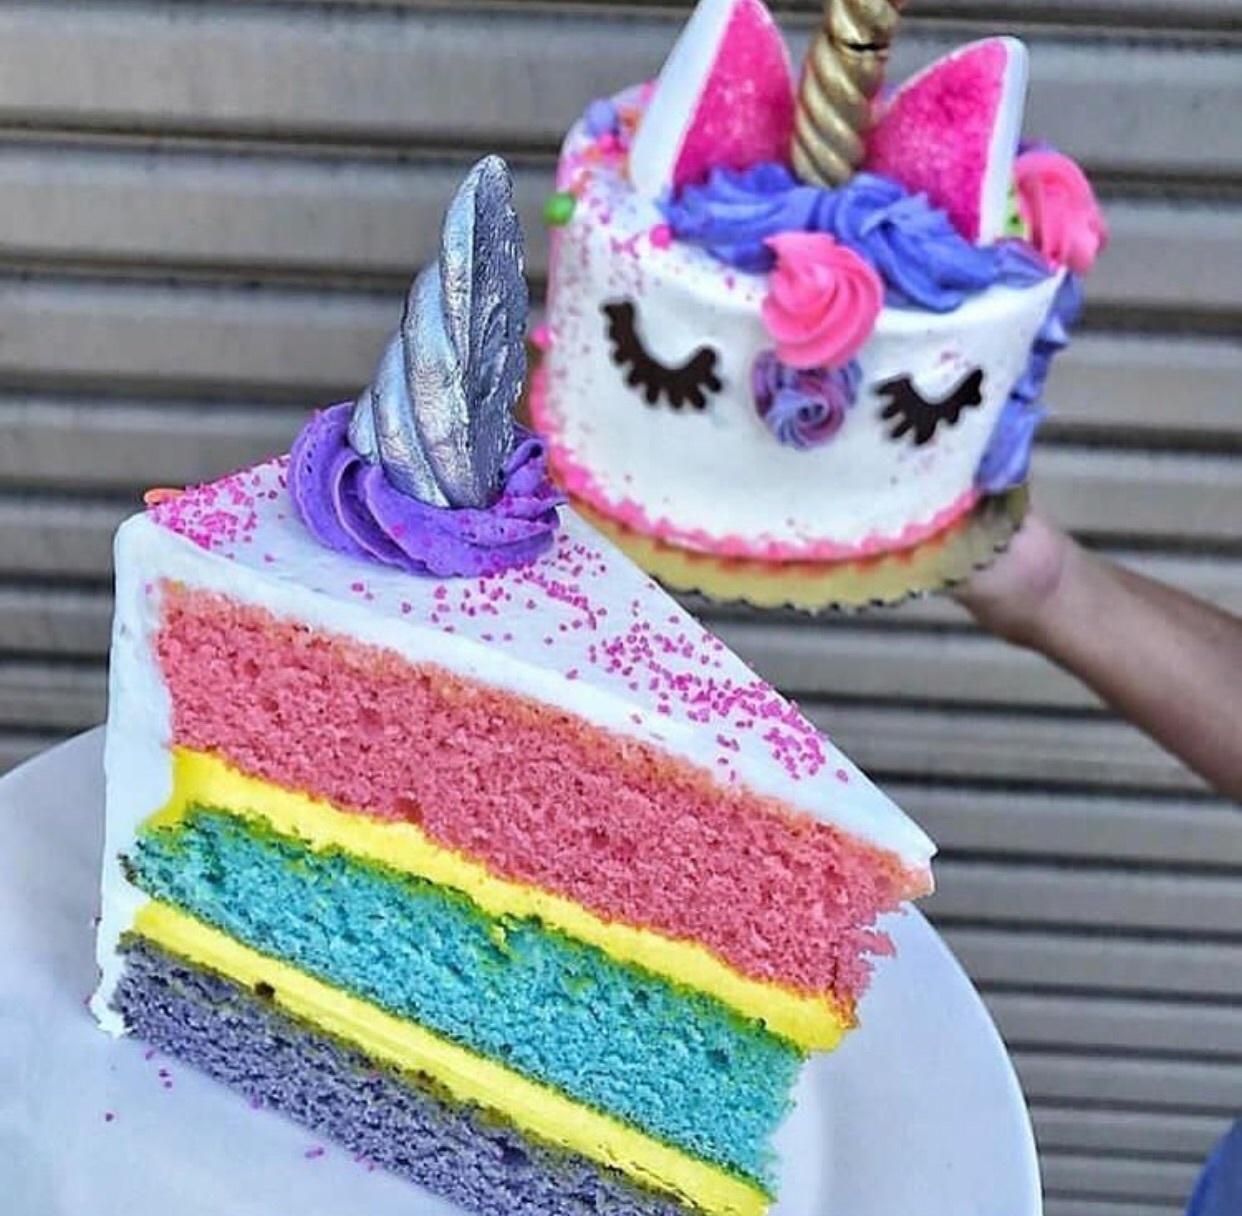 cake and unicorn image